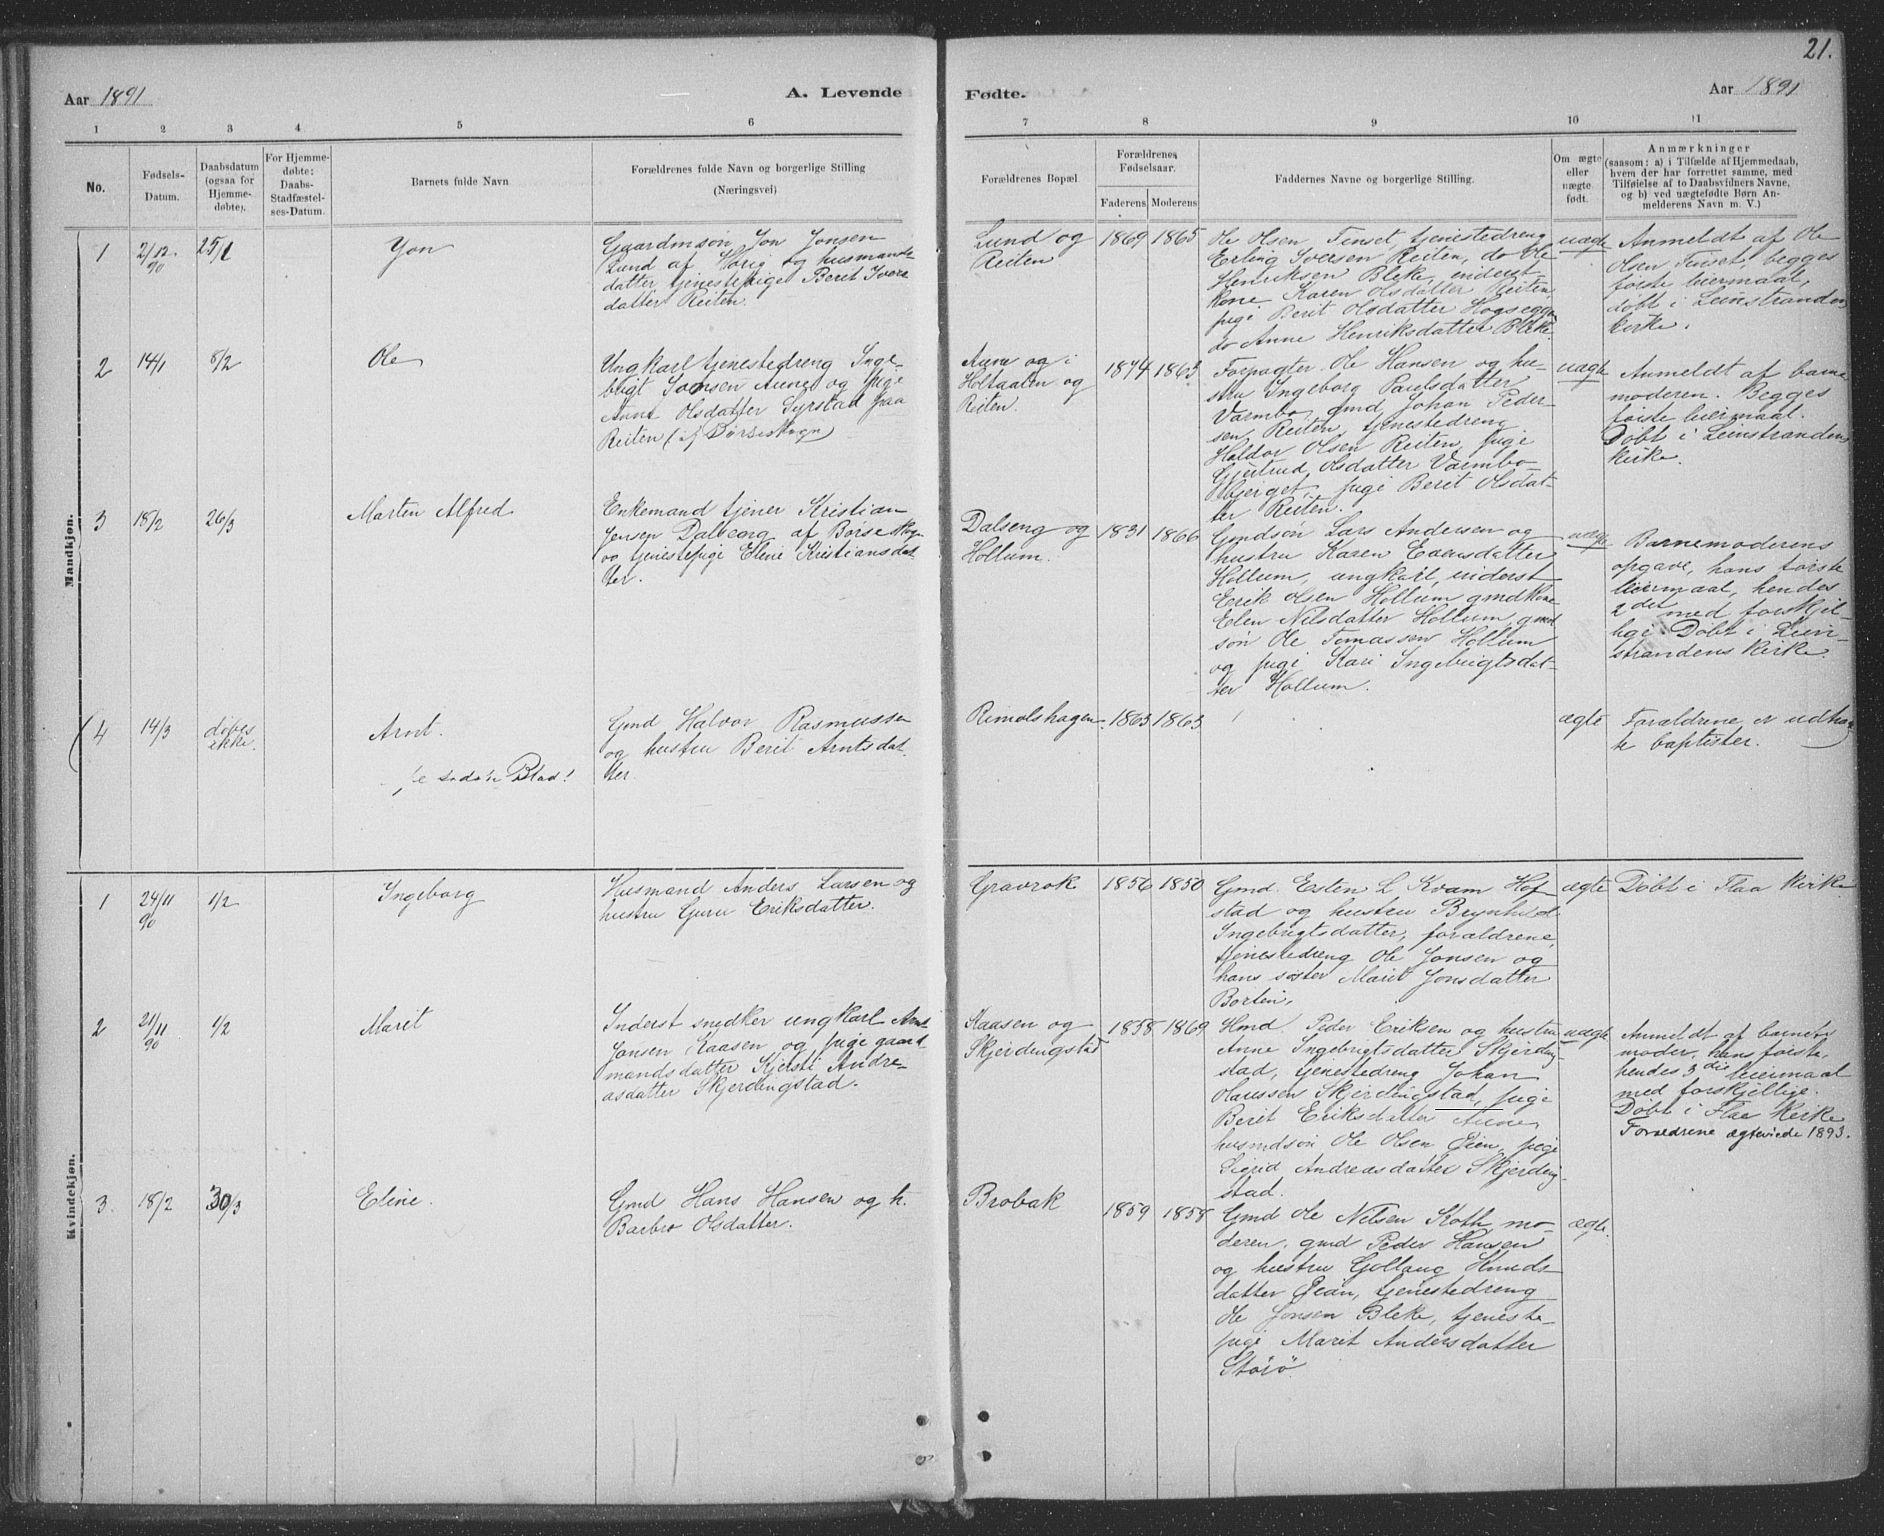 SAT, Ministerialprotokoller, klokkerbøker og fødselsregistre - Sør-Trøndelag, 691/L1085: Ministerialbok nr. 691A17, 1887-1908, s. 21